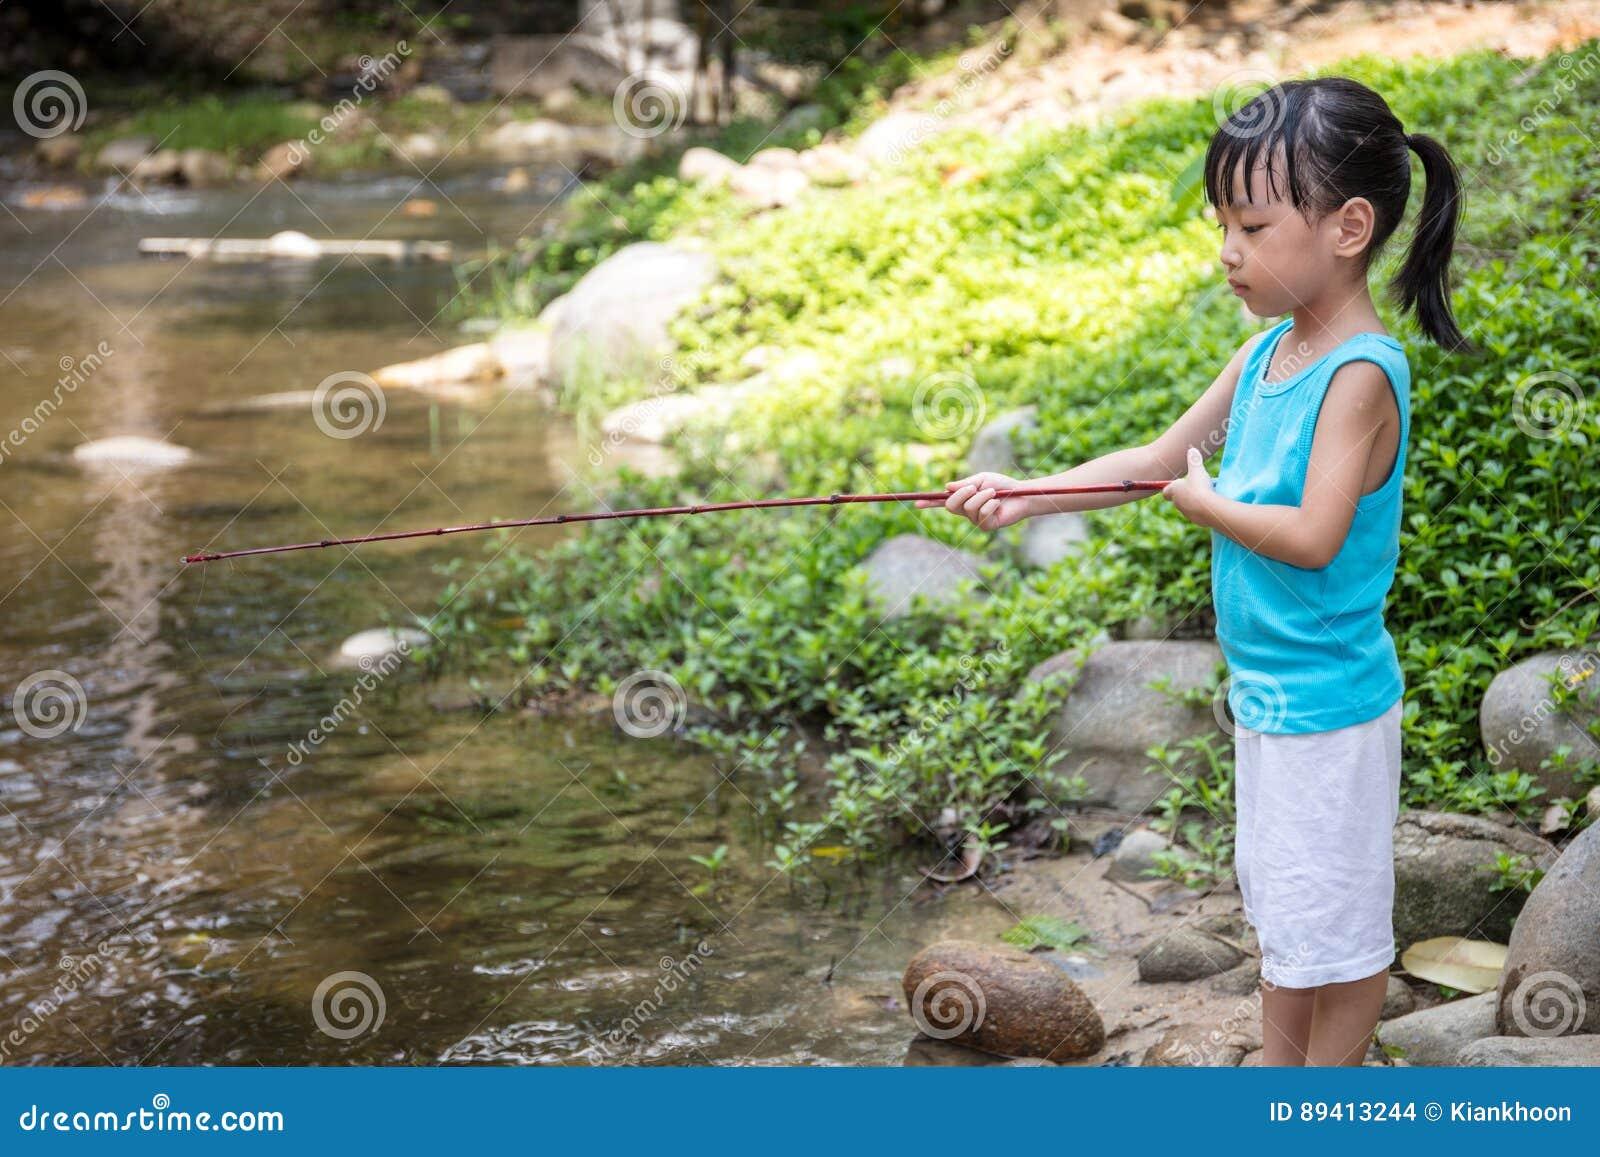 Menina chinesa asiática que dobra com vara de pesca